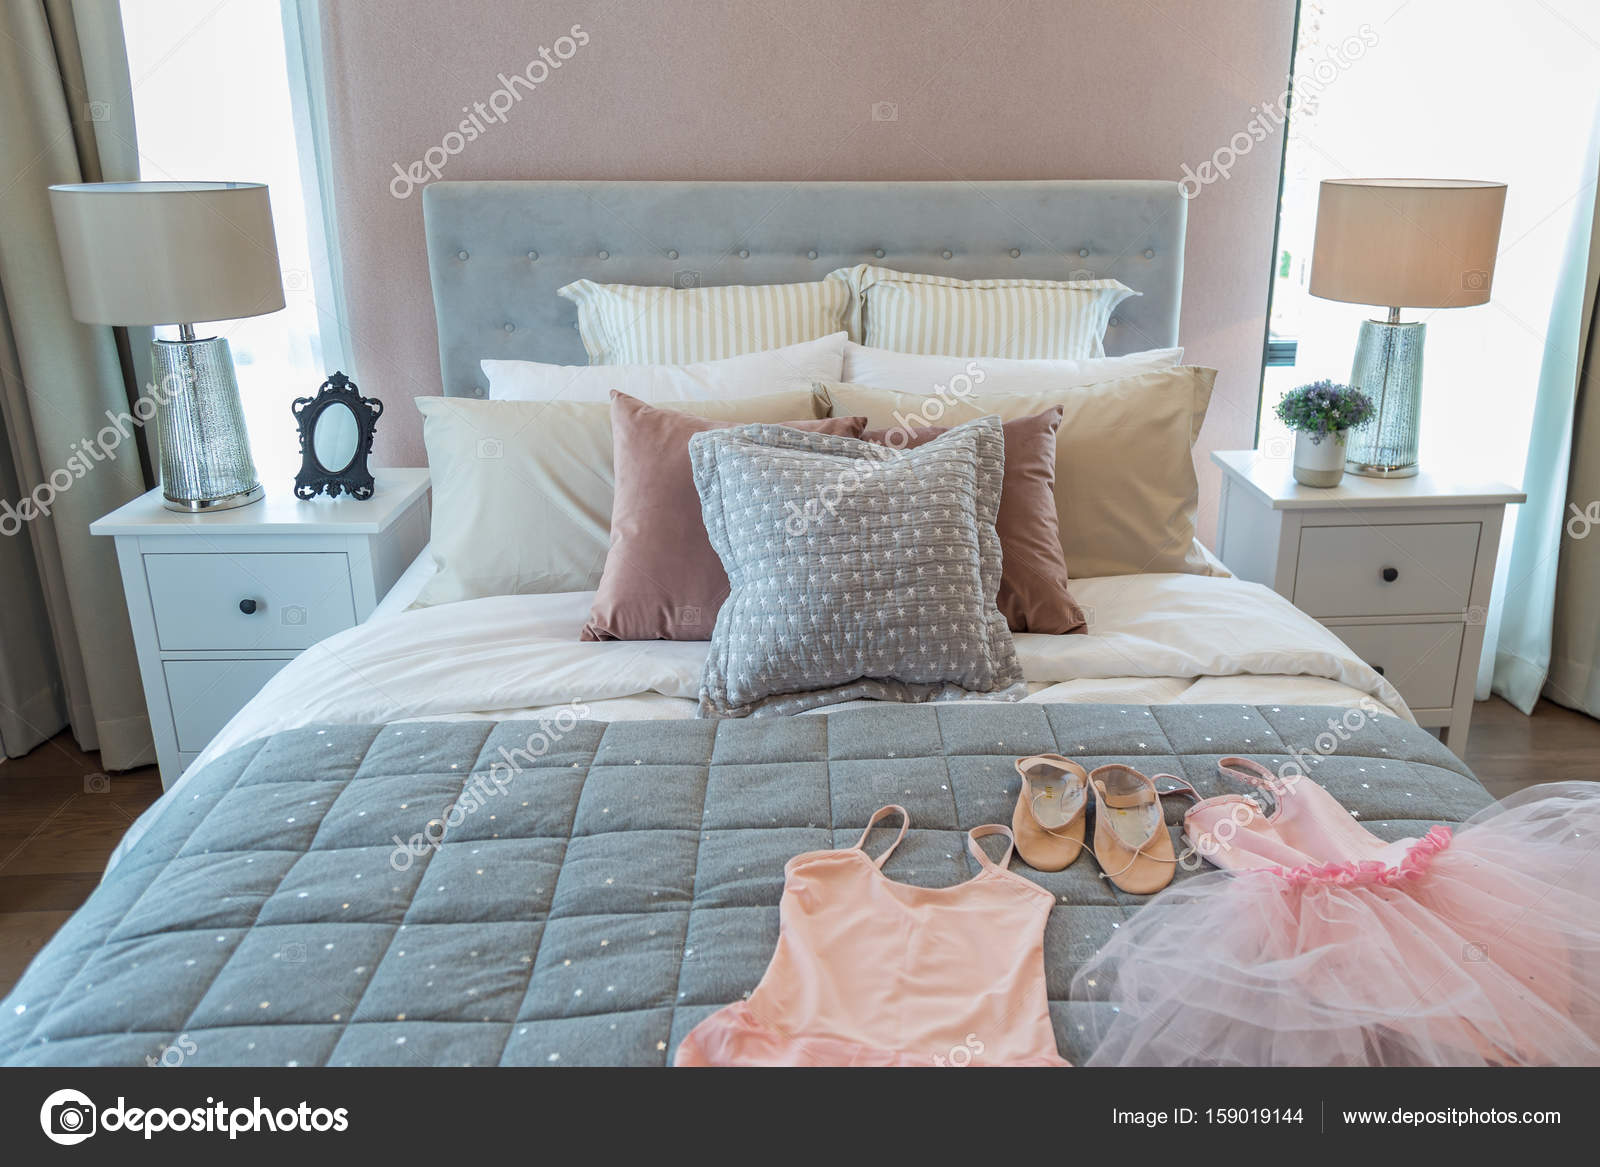 Ballett Set Auf Ein Madchen Bett Stockfoto C Tisomboon